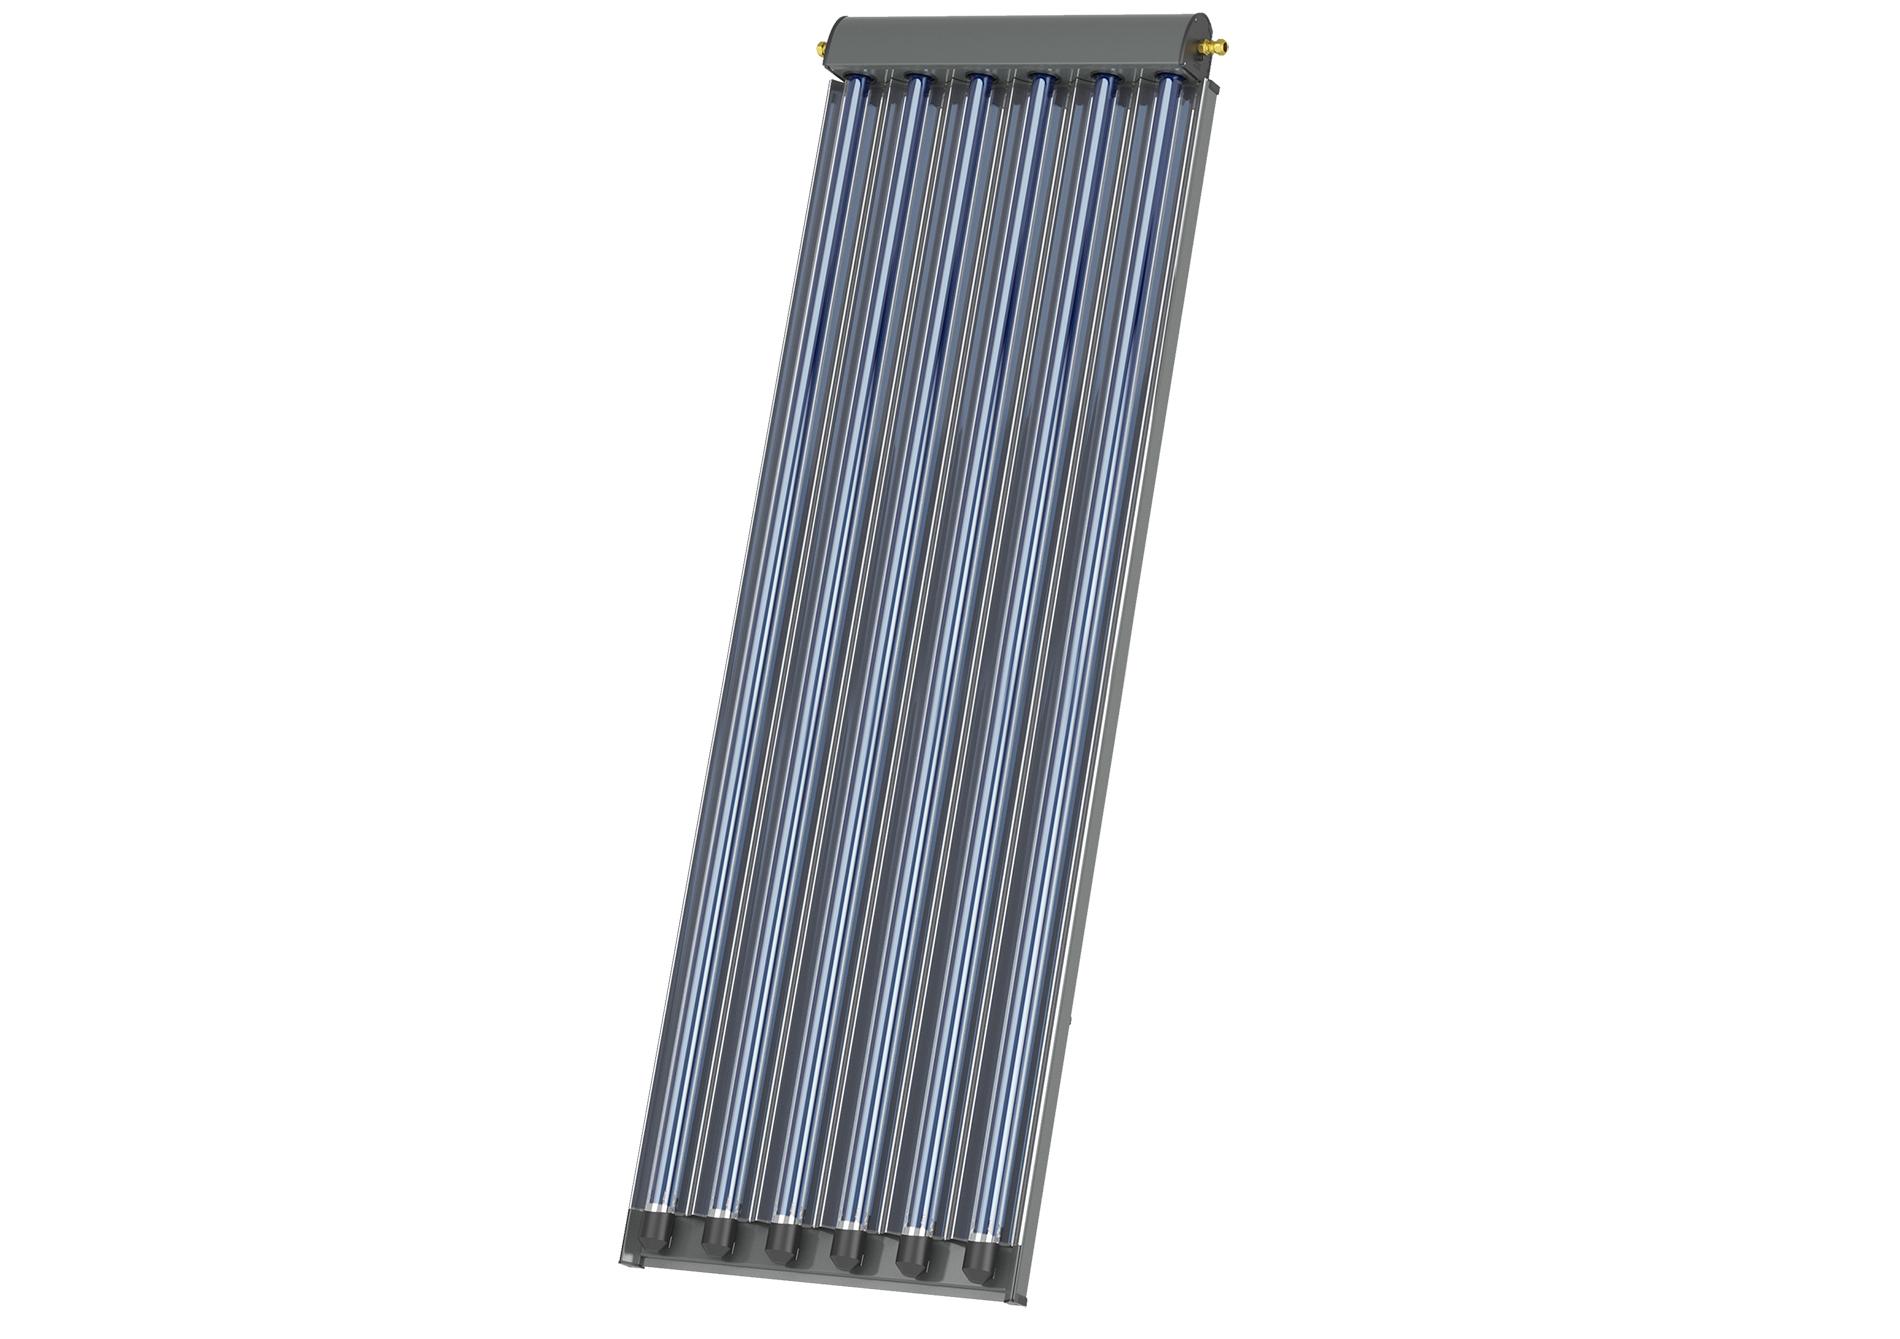 CPC 6 XL INOX pulverb totale